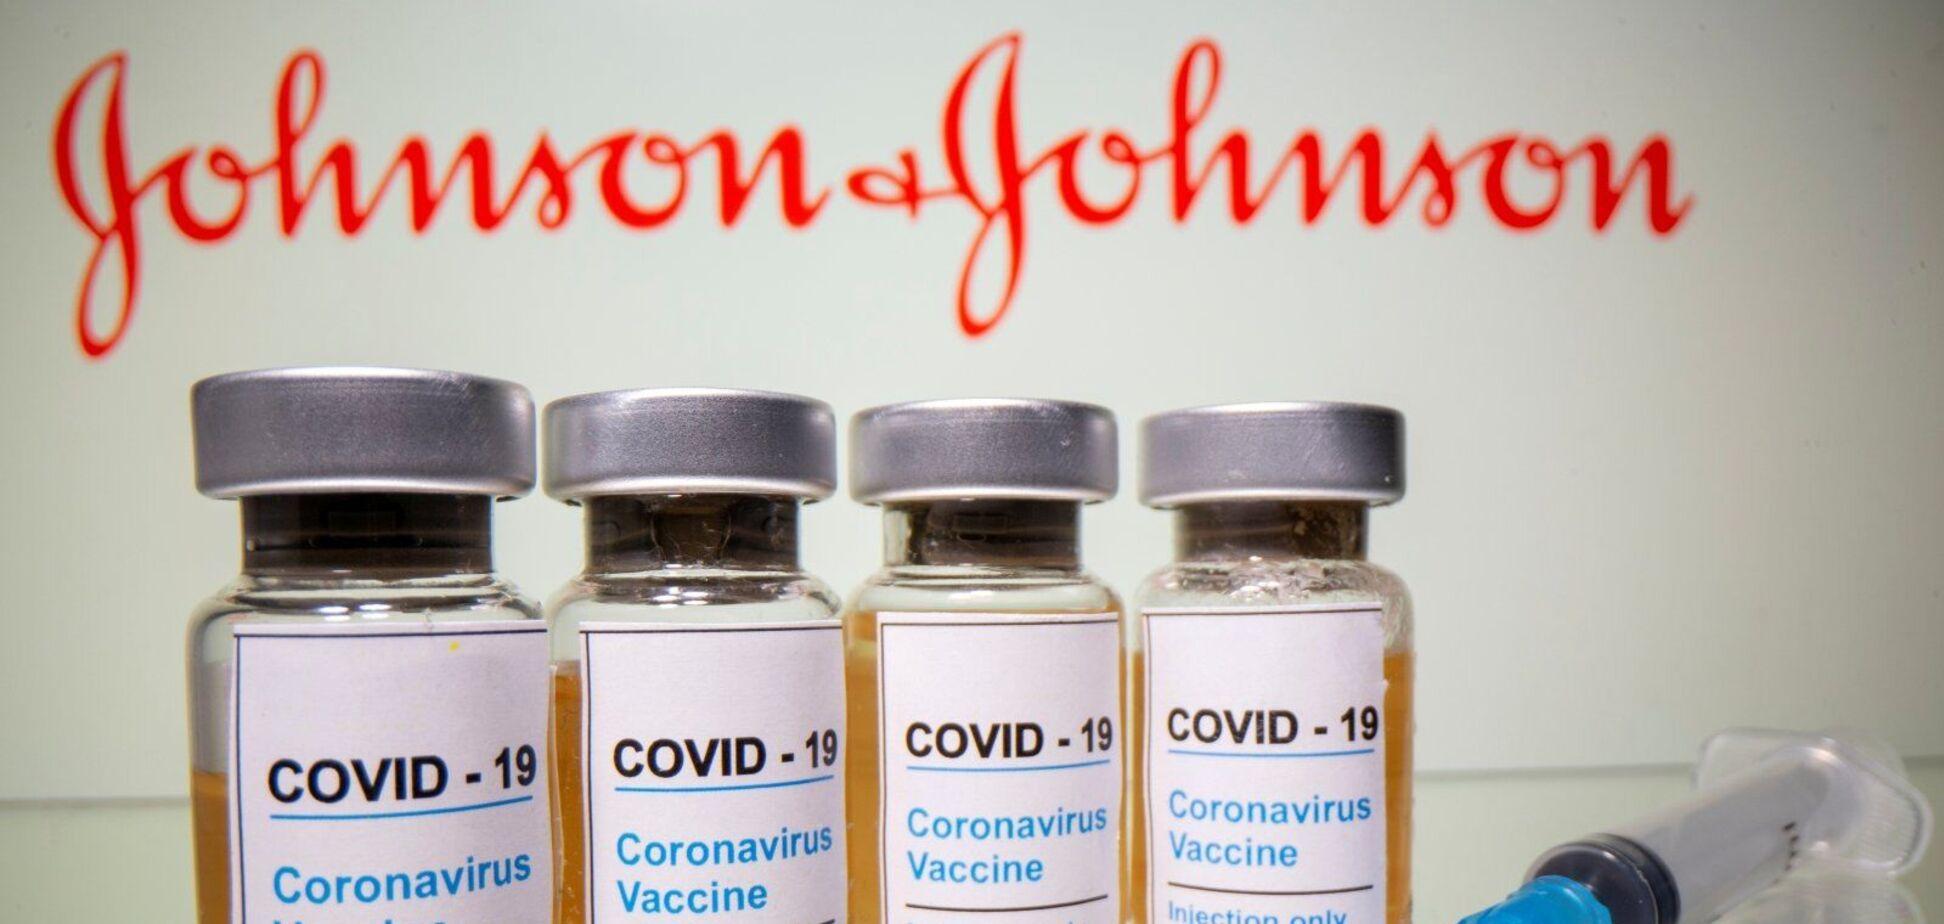 В Johnson & Johnson заявили о нехватке доказательств связи между их вакциной и тромбозами